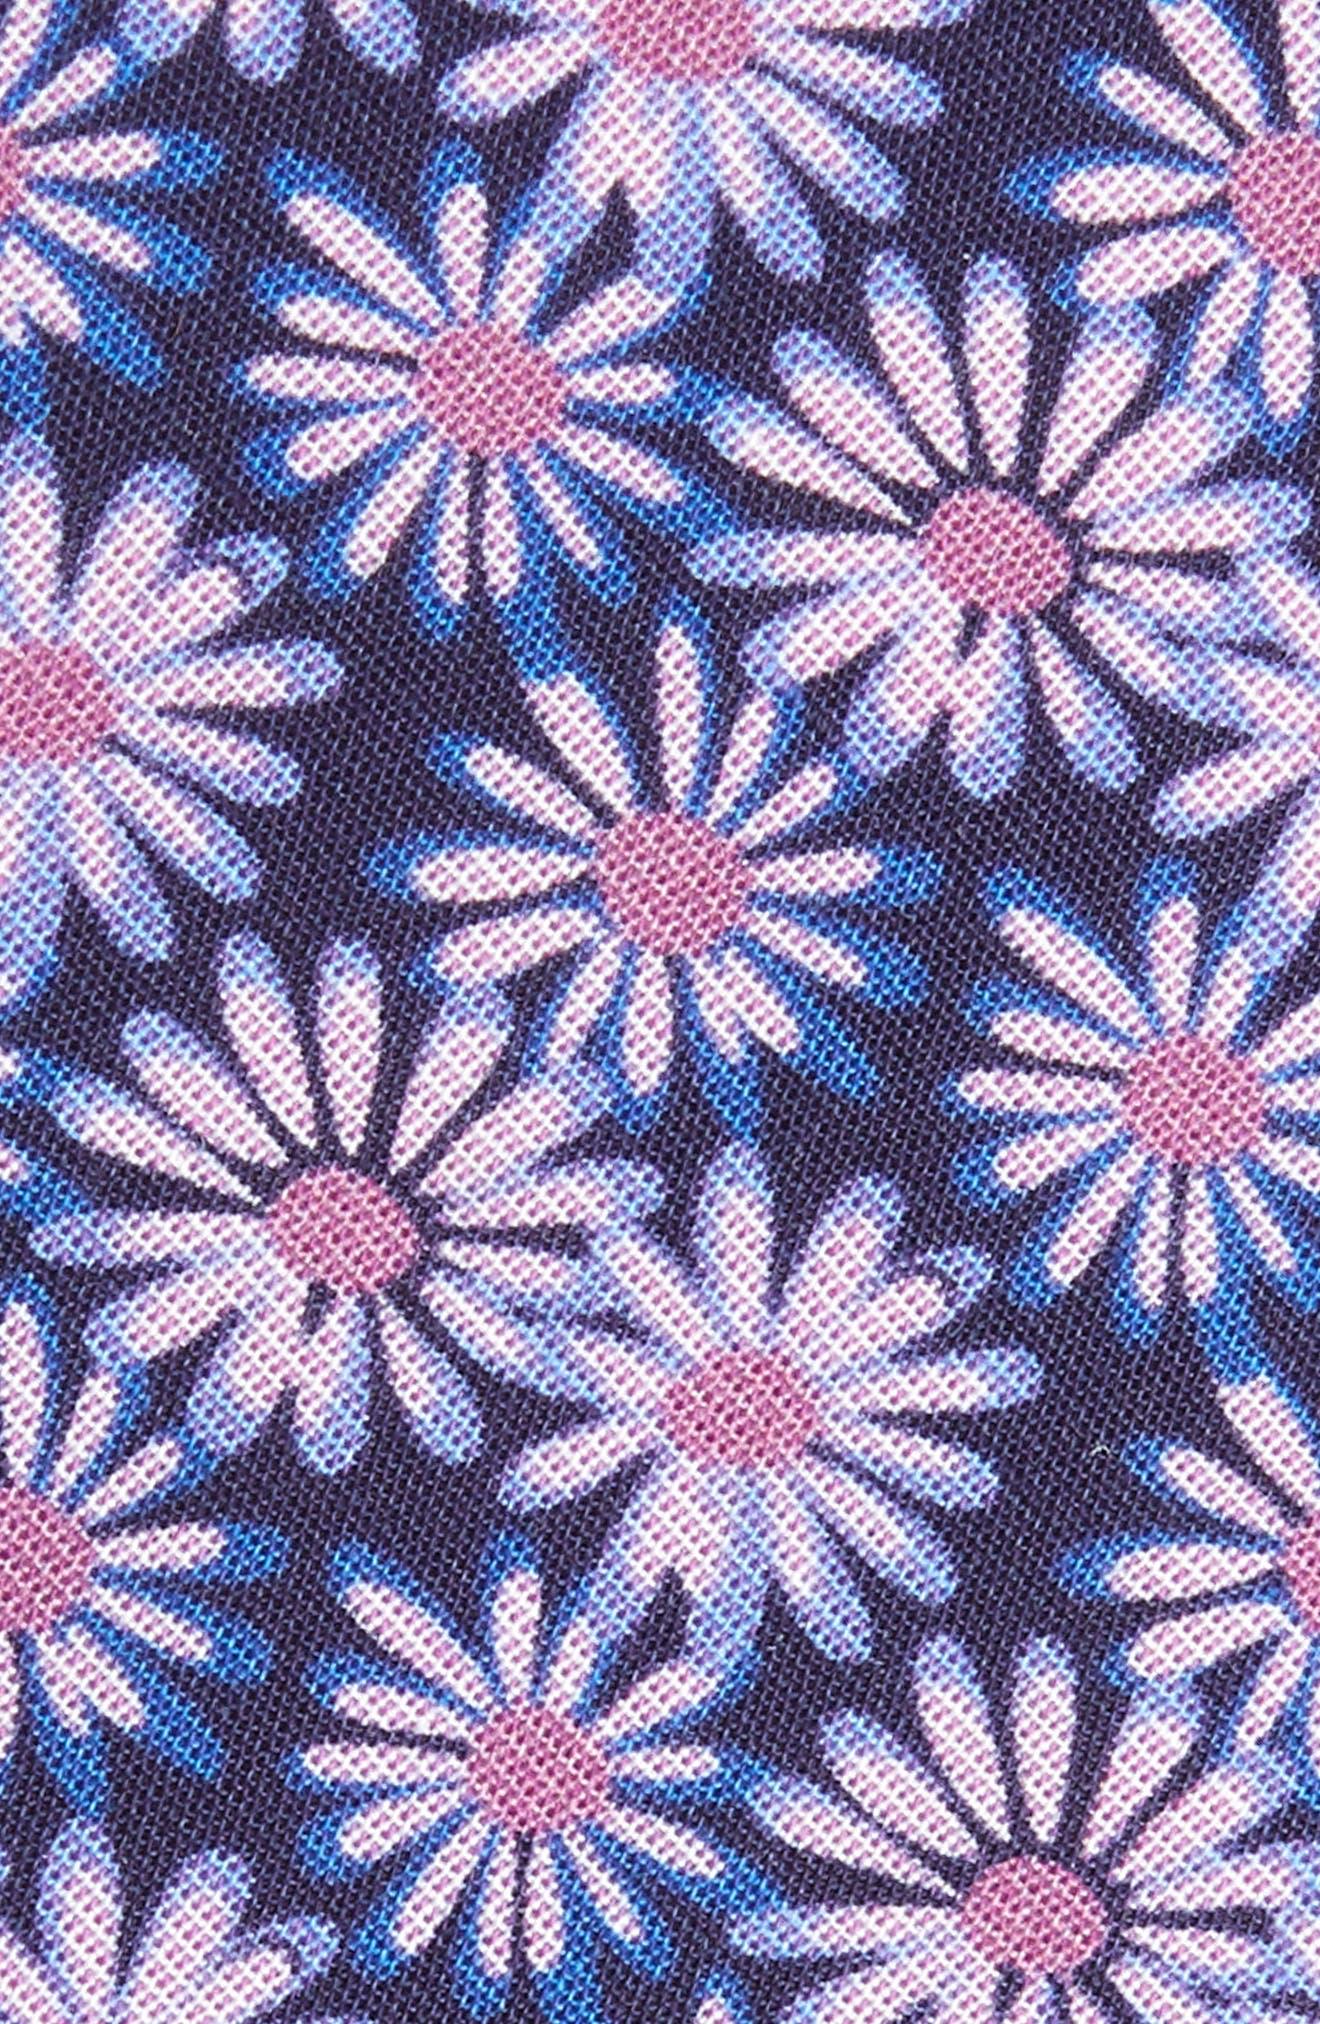 Floral Breeze Print Cotton Tie,                             Alternate thumbnail 2, color,                             500